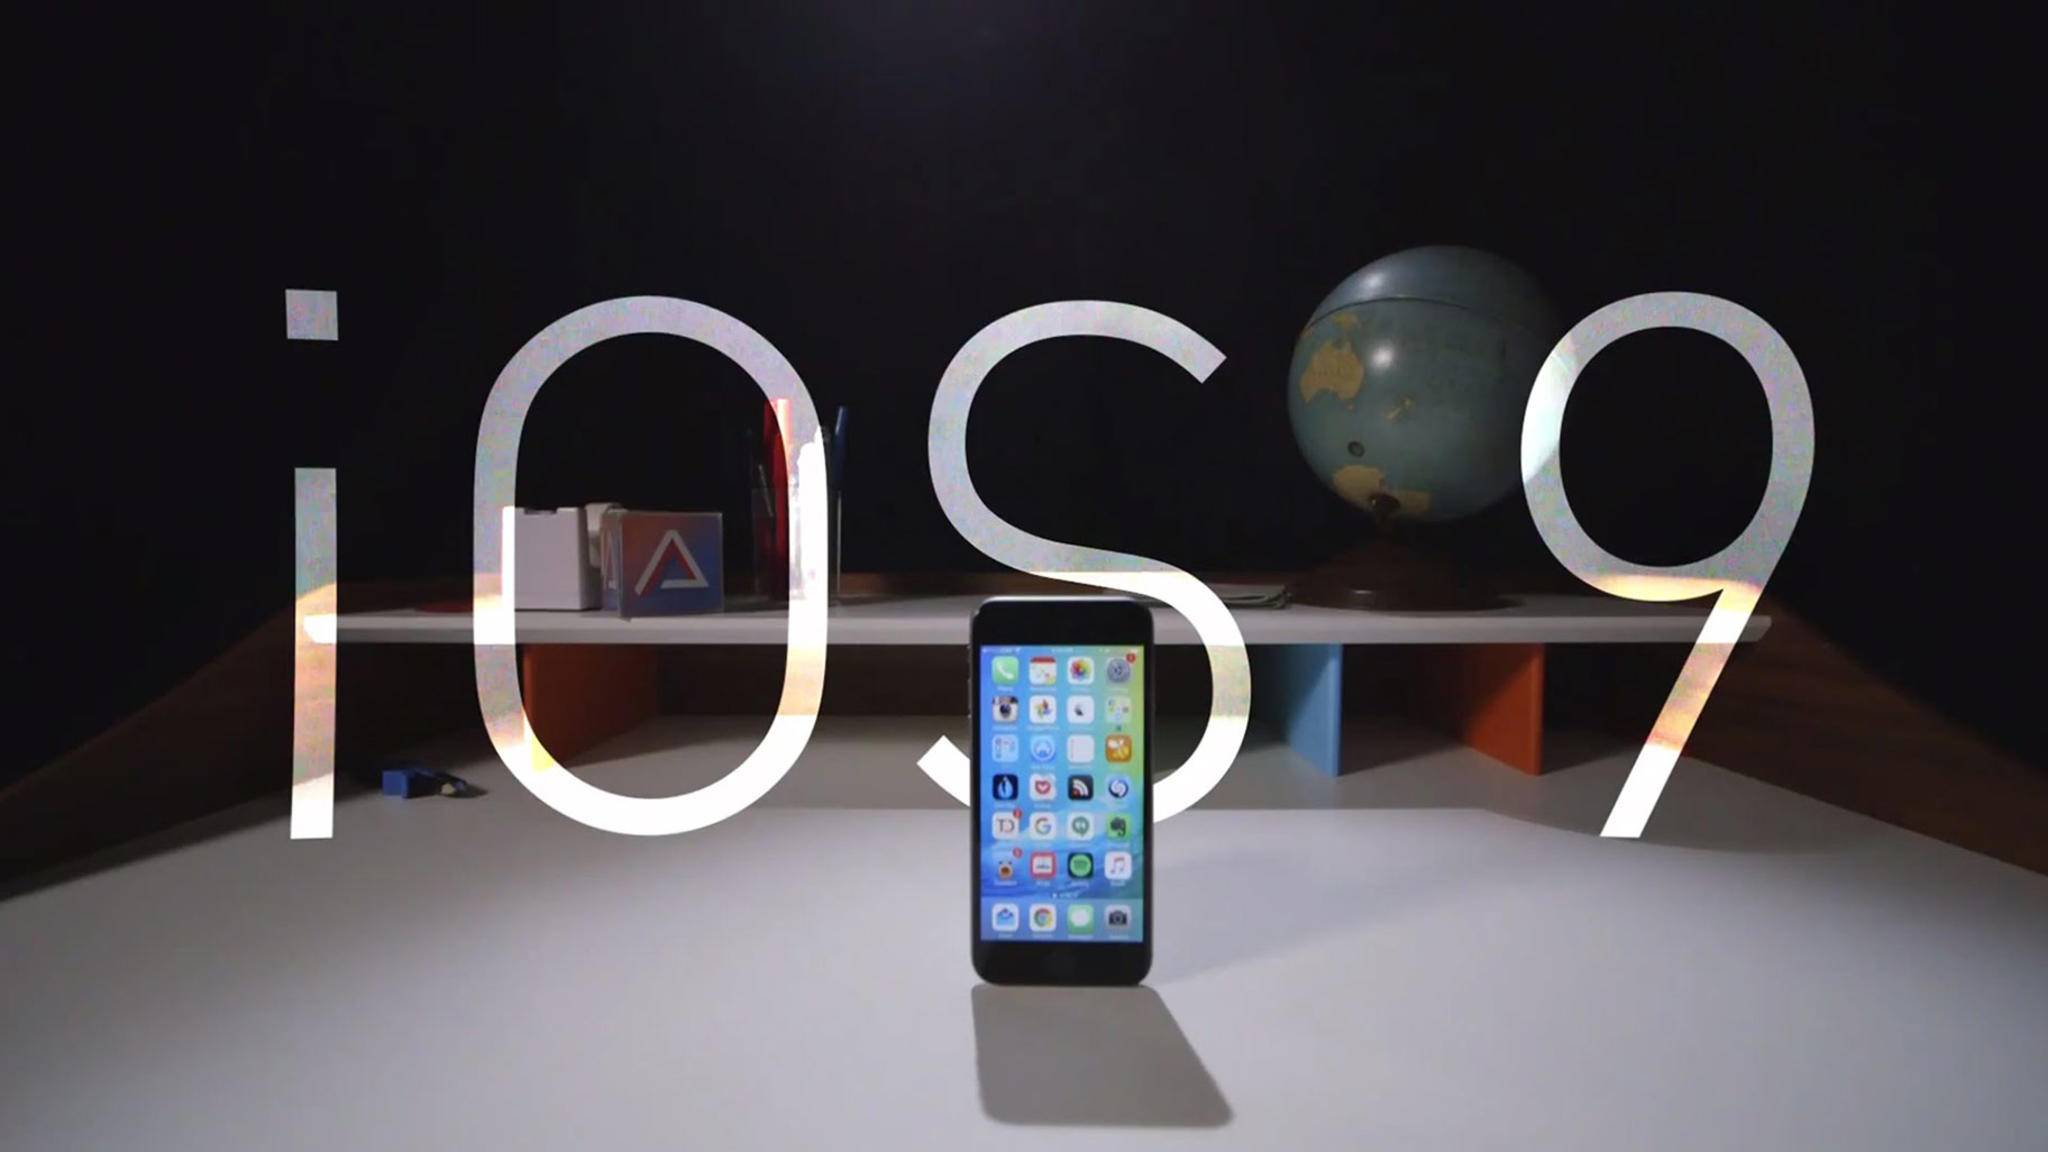 Code-Bestandteile des Bootvorgangs von iOS 9 könnten als Basis für das Ausnutzen von Sicherheitslücken dienen.